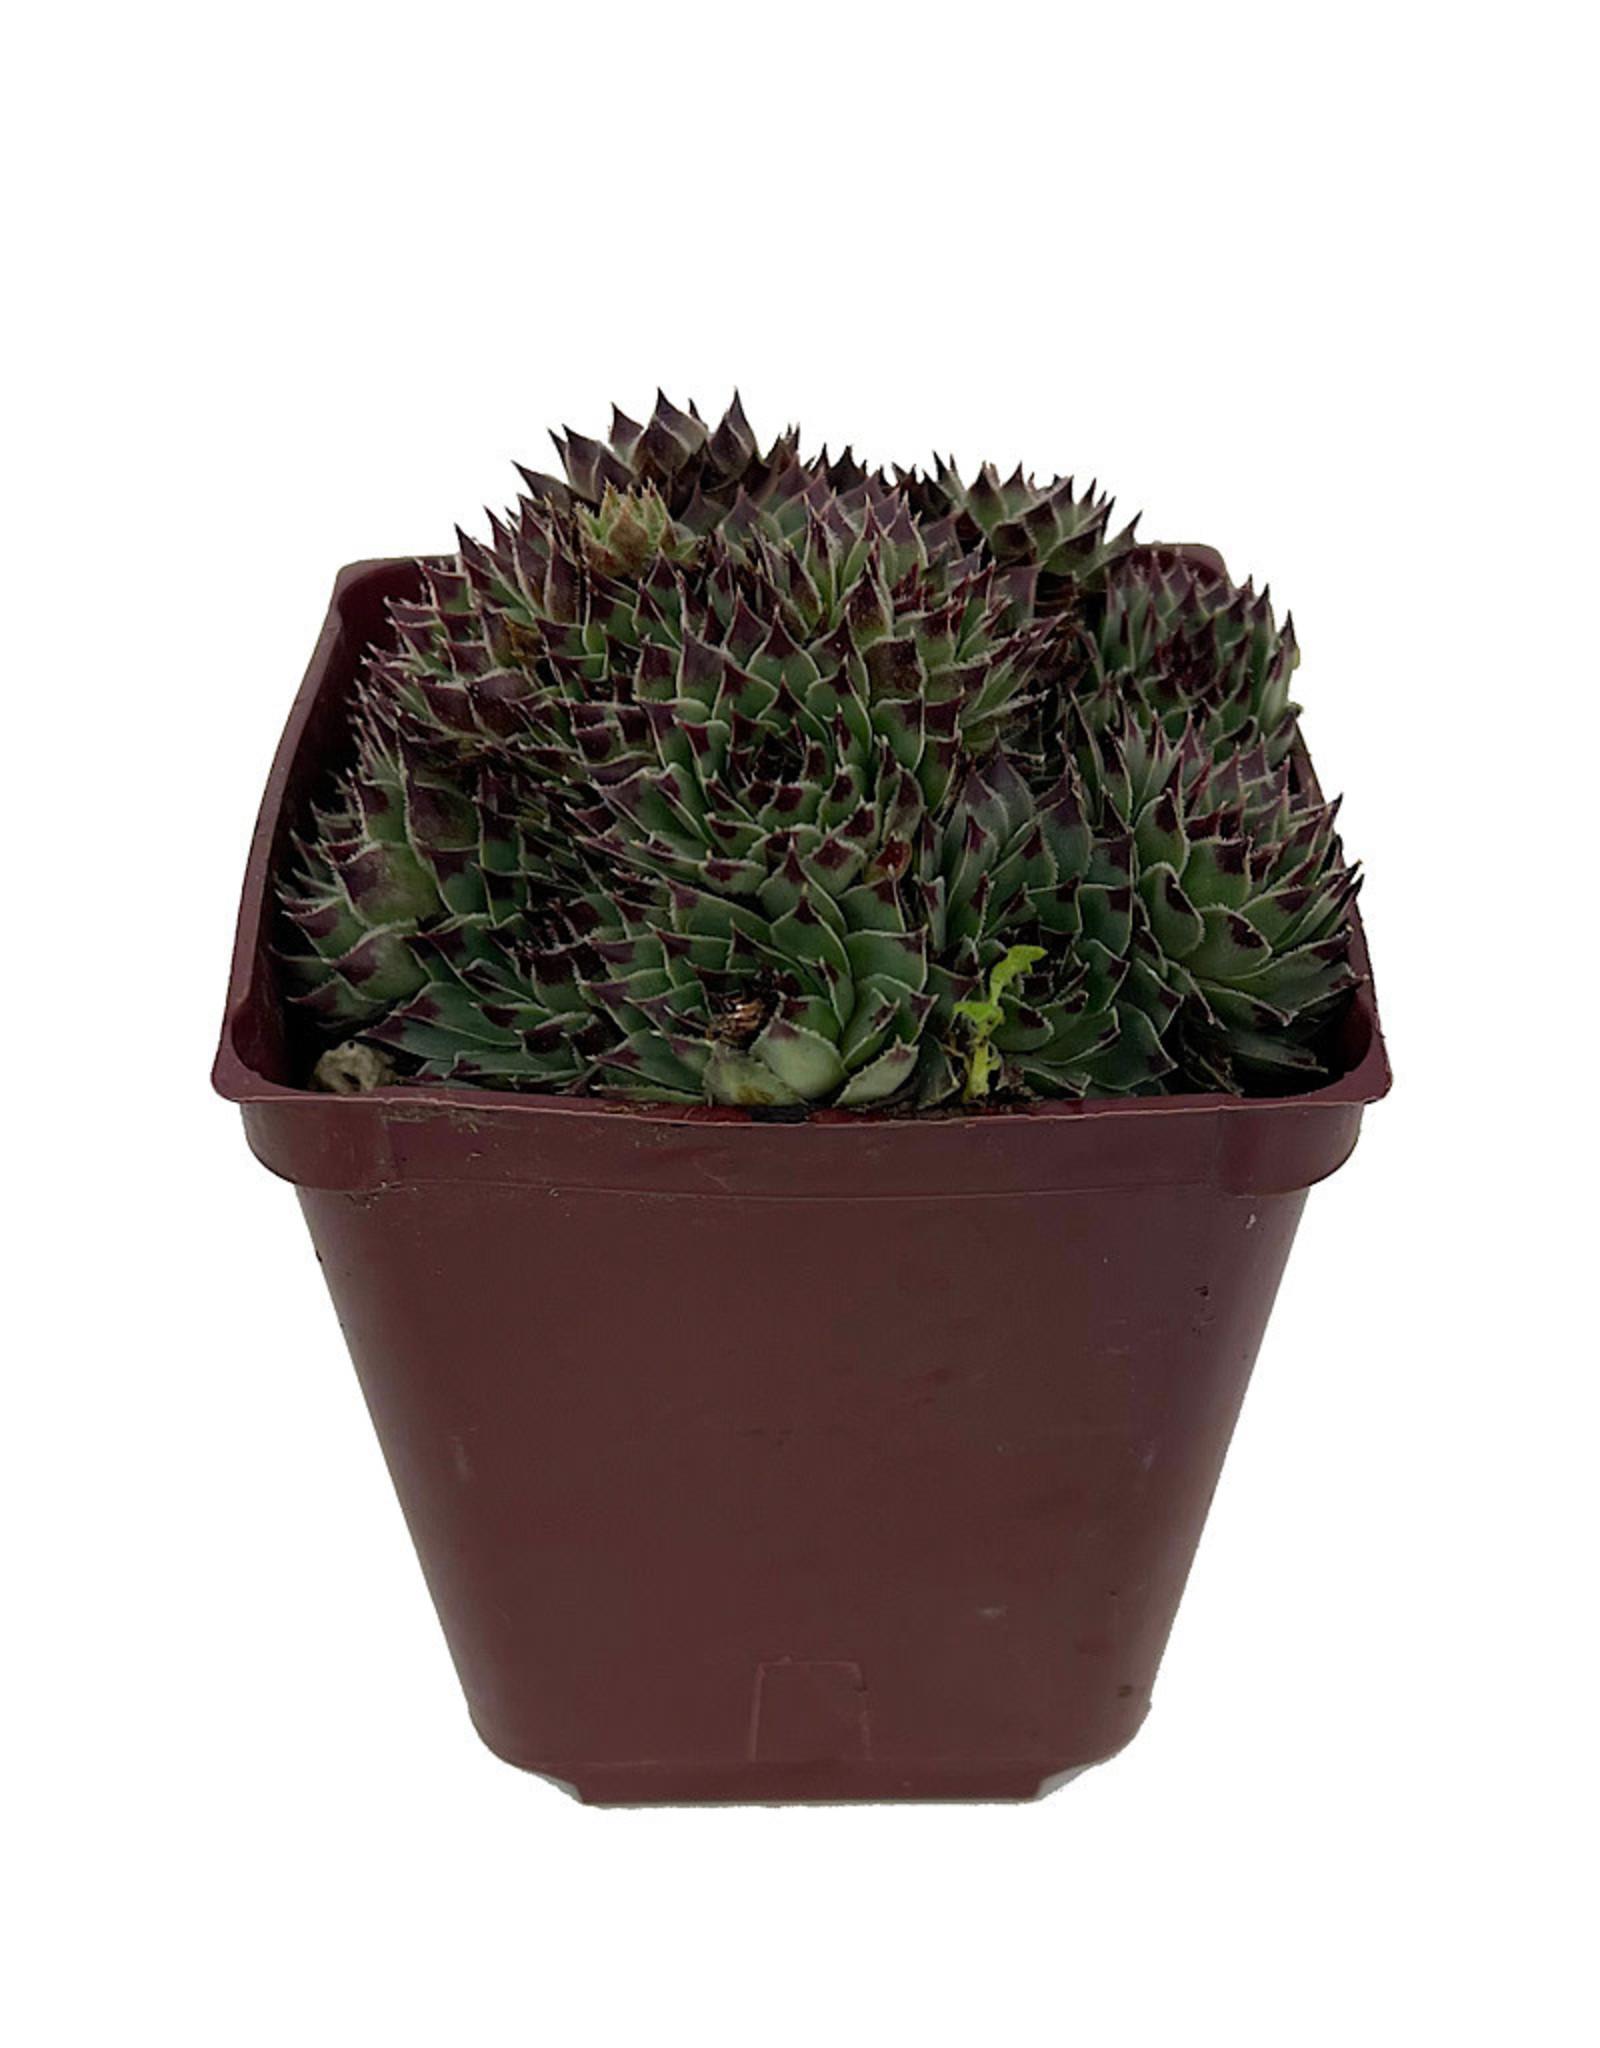 Sempervivum 'Mrs. Giuseppe' 4 inch